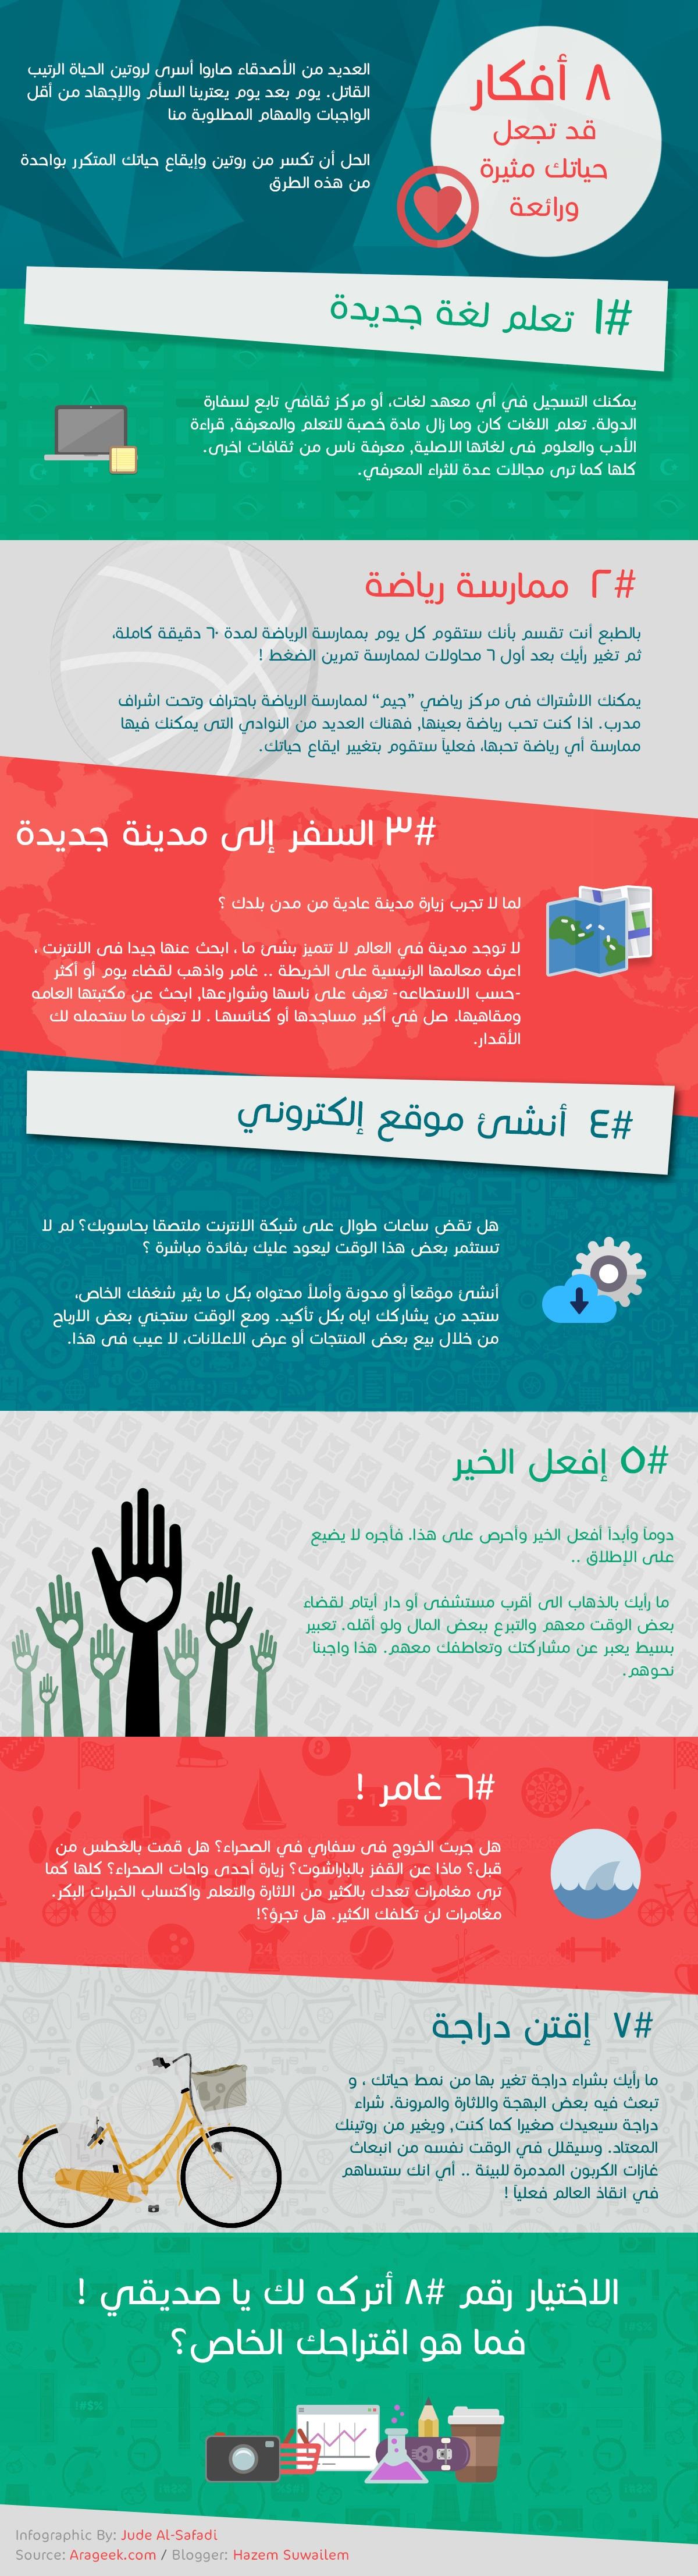 استشارات قانونية في ابوظبي اسأل محامي في ابوظبي مستشار قانوني اون لاين طلب استشارة قانونية Dubai Lawyer Law Firm